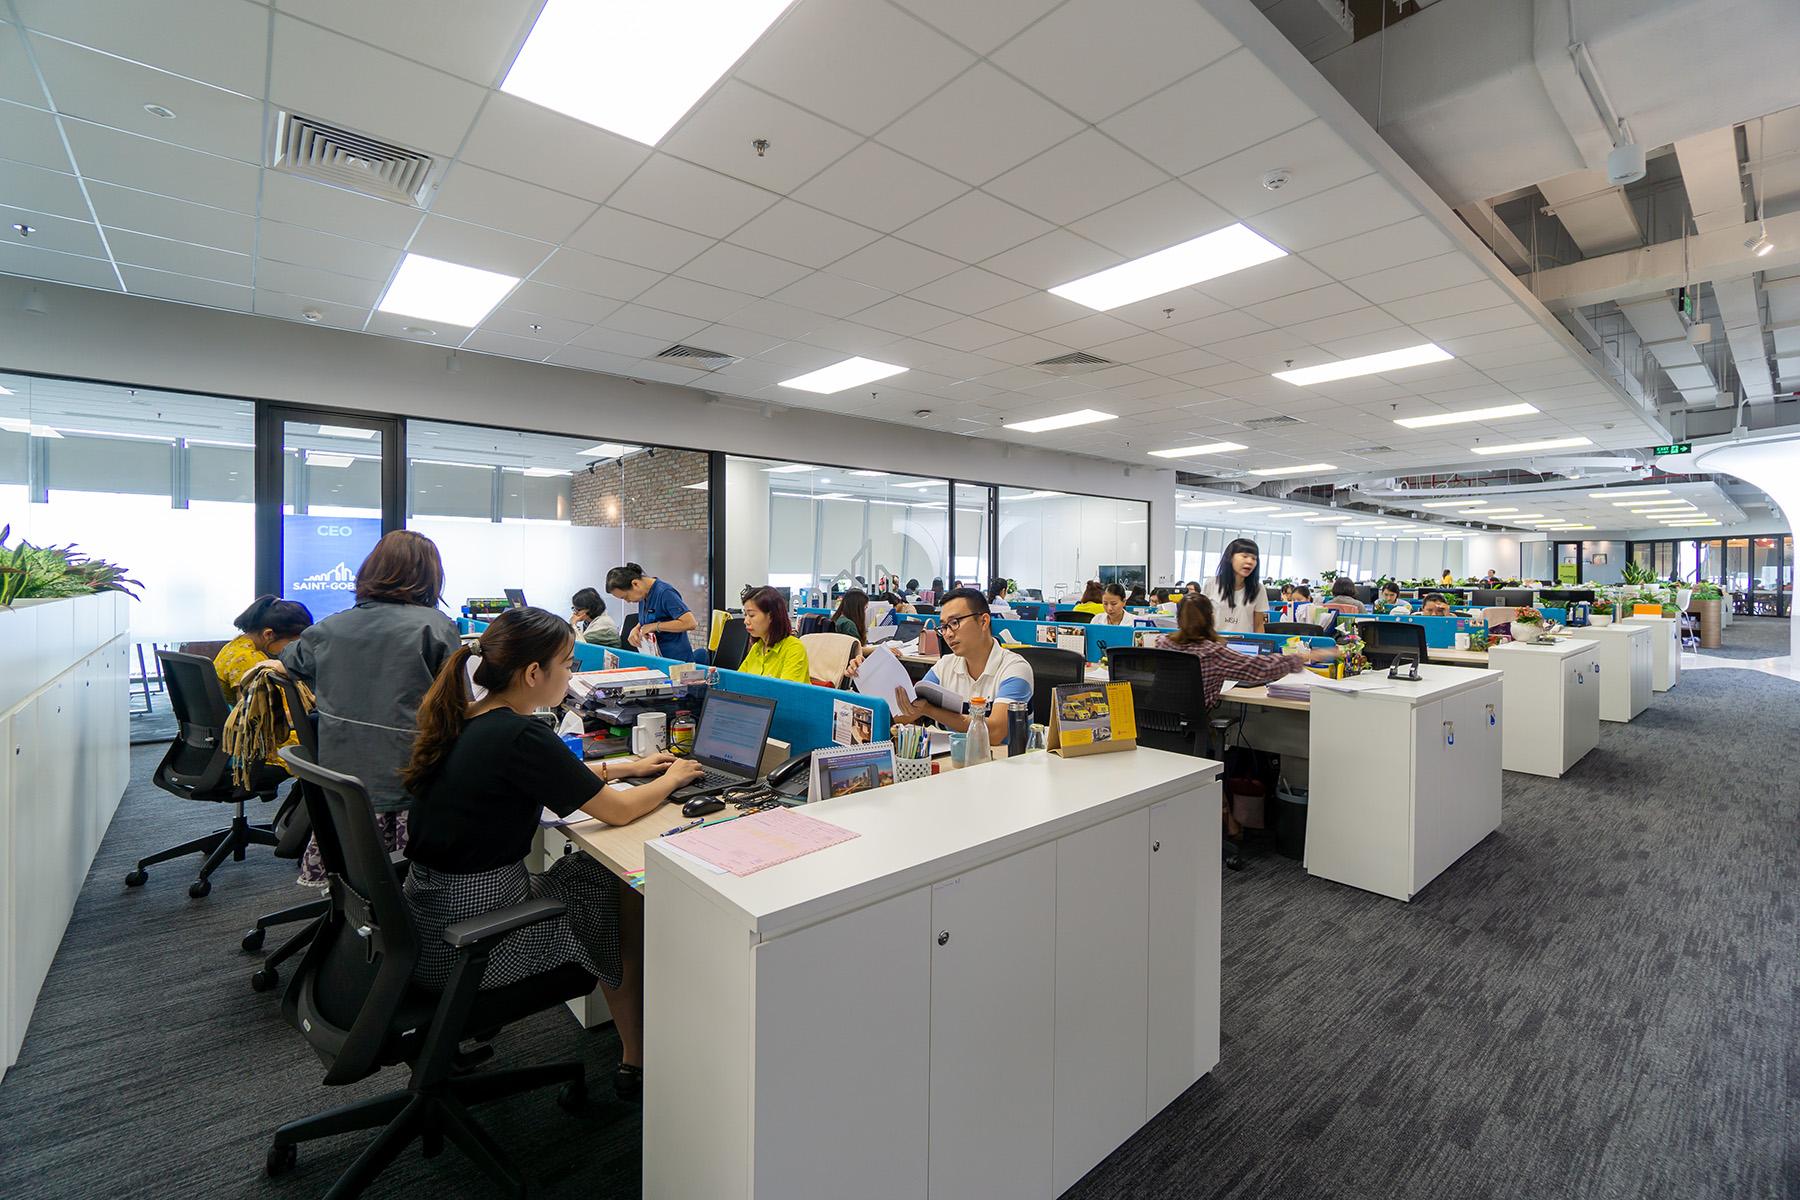 văn phòng gắn kết giữa các thành viên